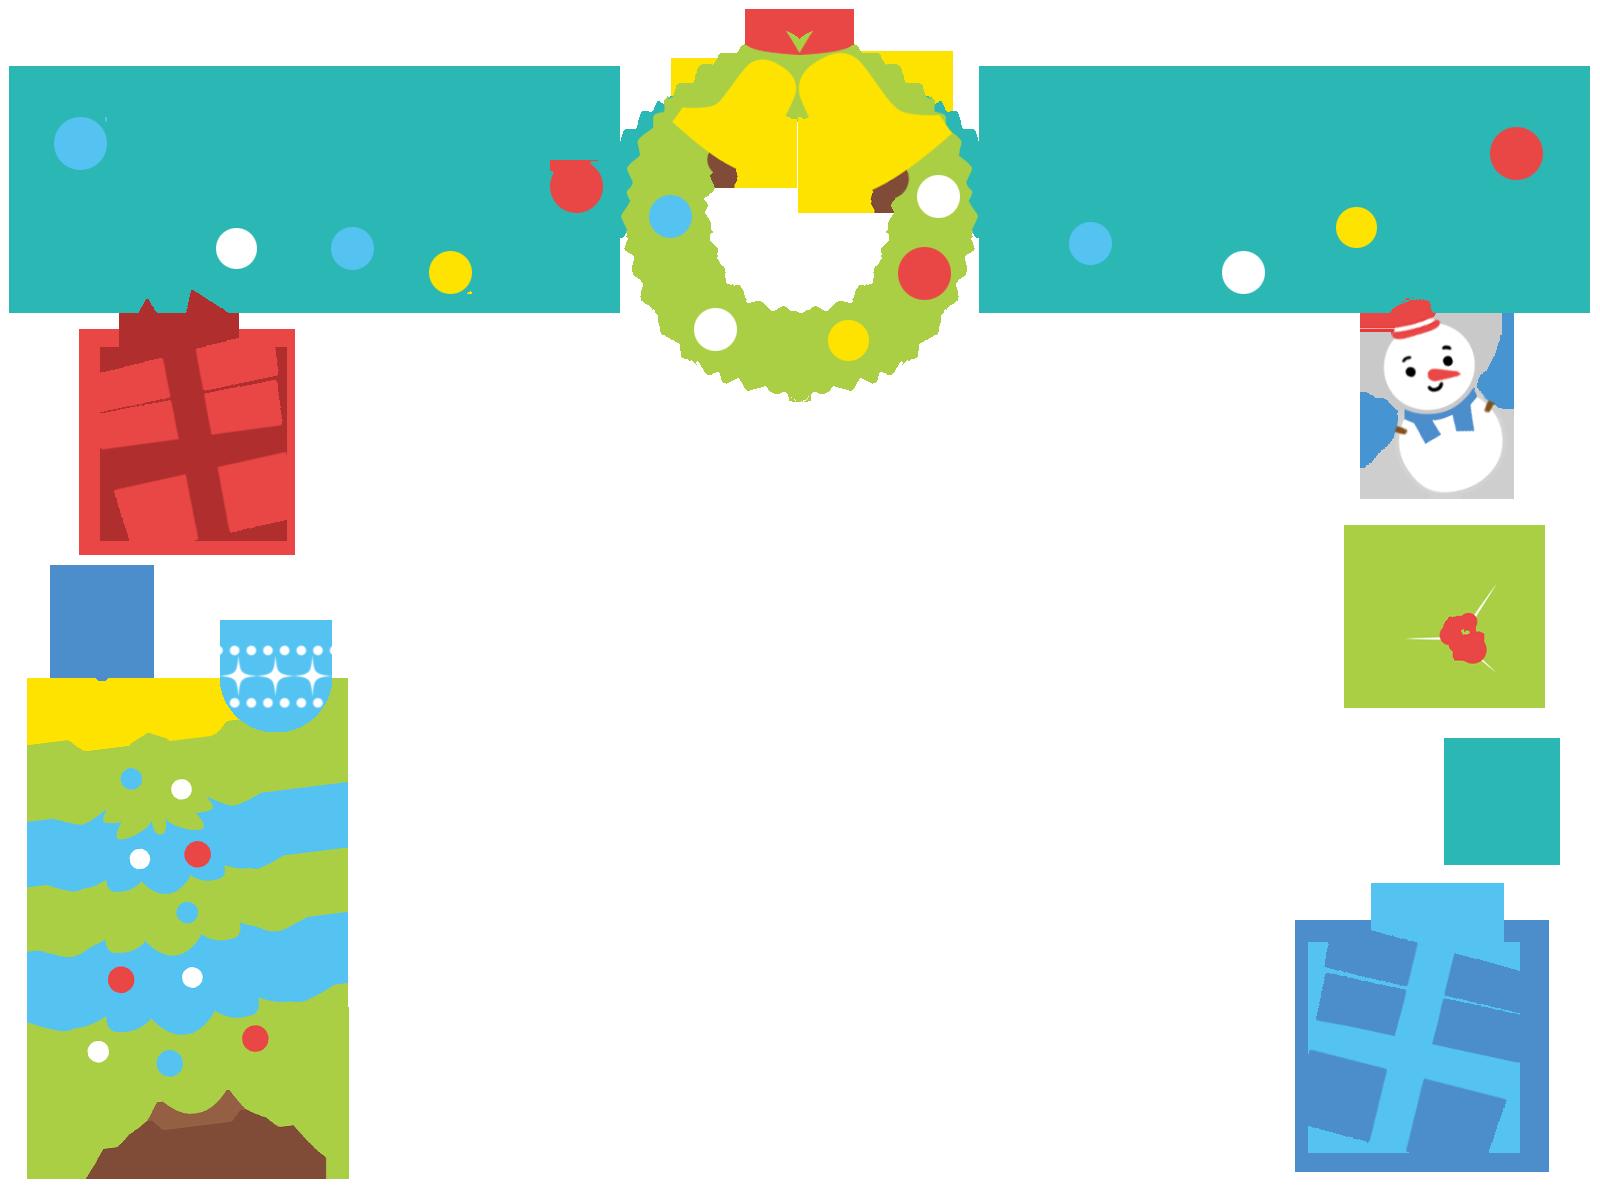 クリスマスのフレーム枠イラスト画像素材(無料、フリー)